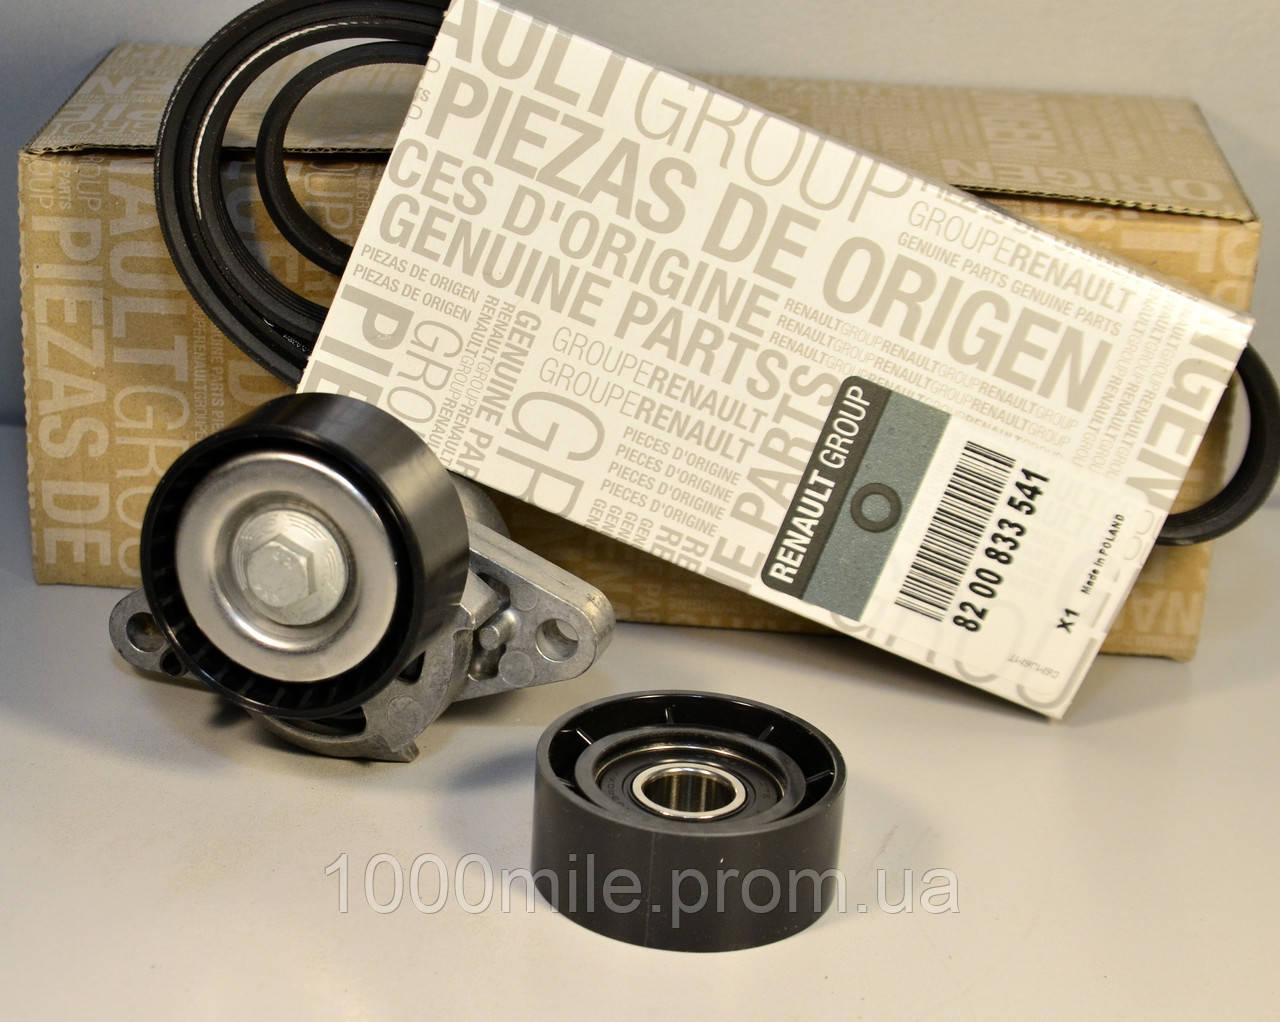 Комплект генератора + ролик + натяжитель (+АС) на Renault Kangoo 1997->2008 1.4, 1.6i 16V  —  7701477517